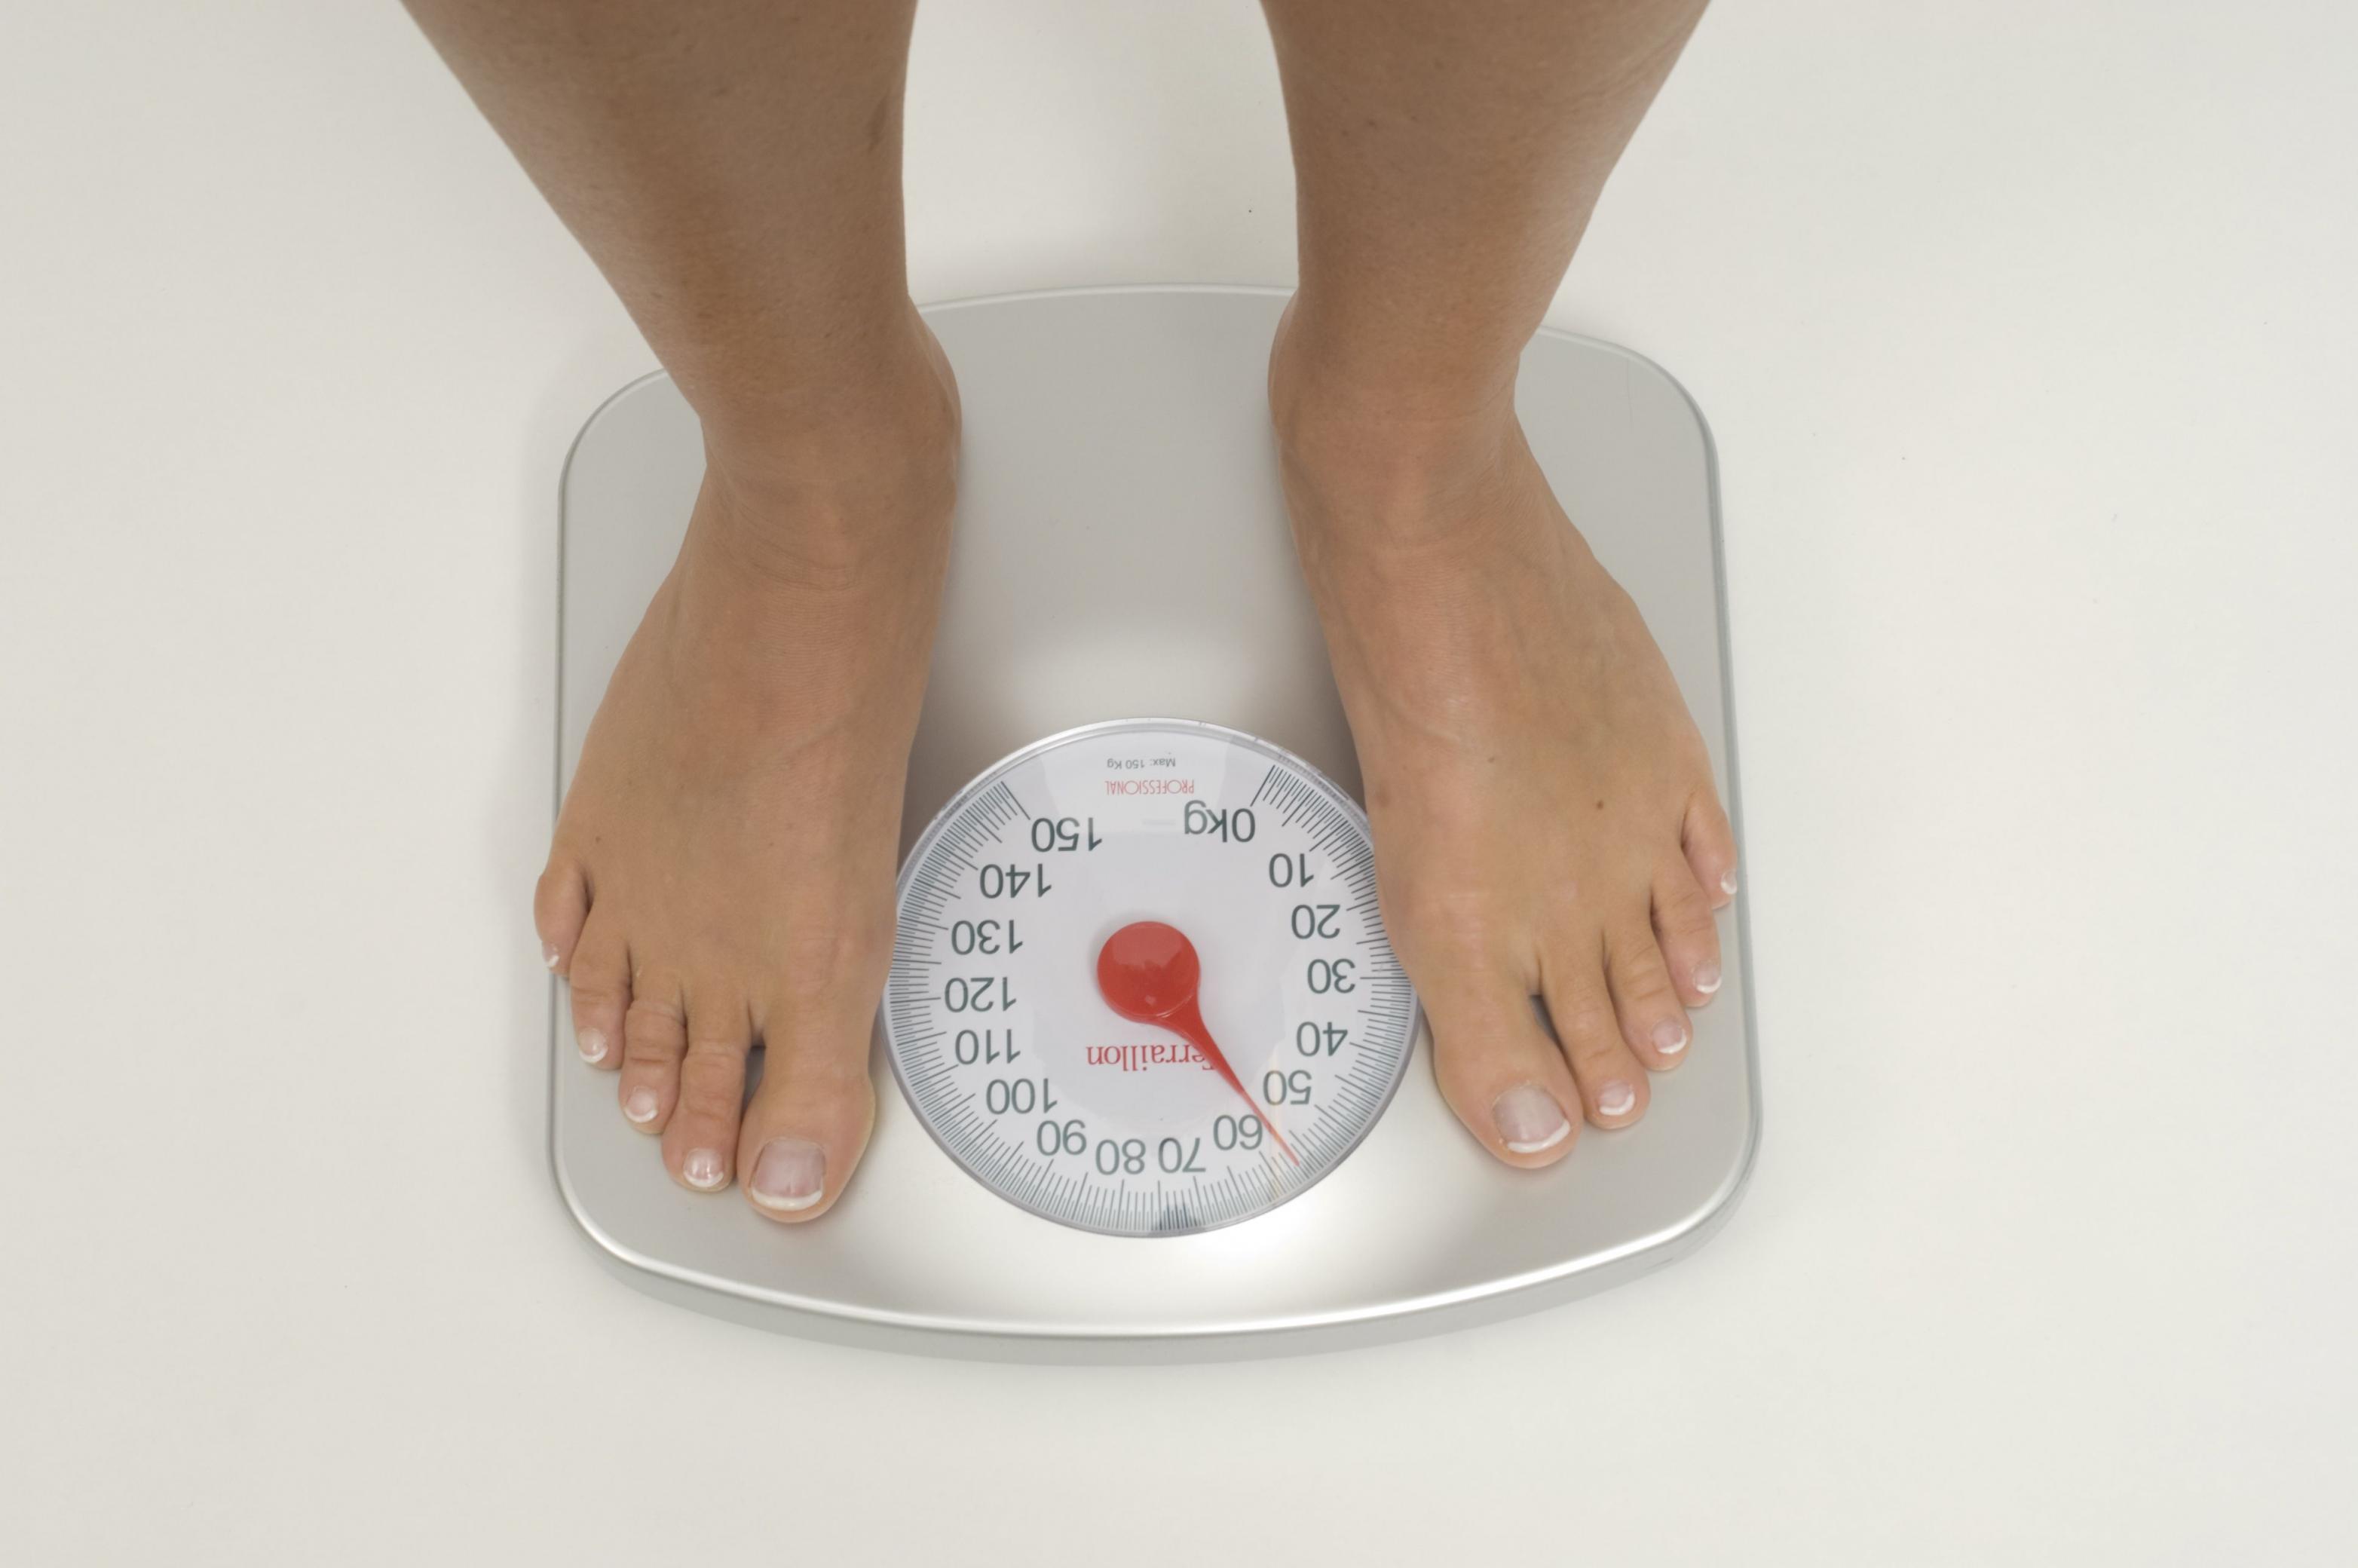 Mensch auf Waage - Übergewicht